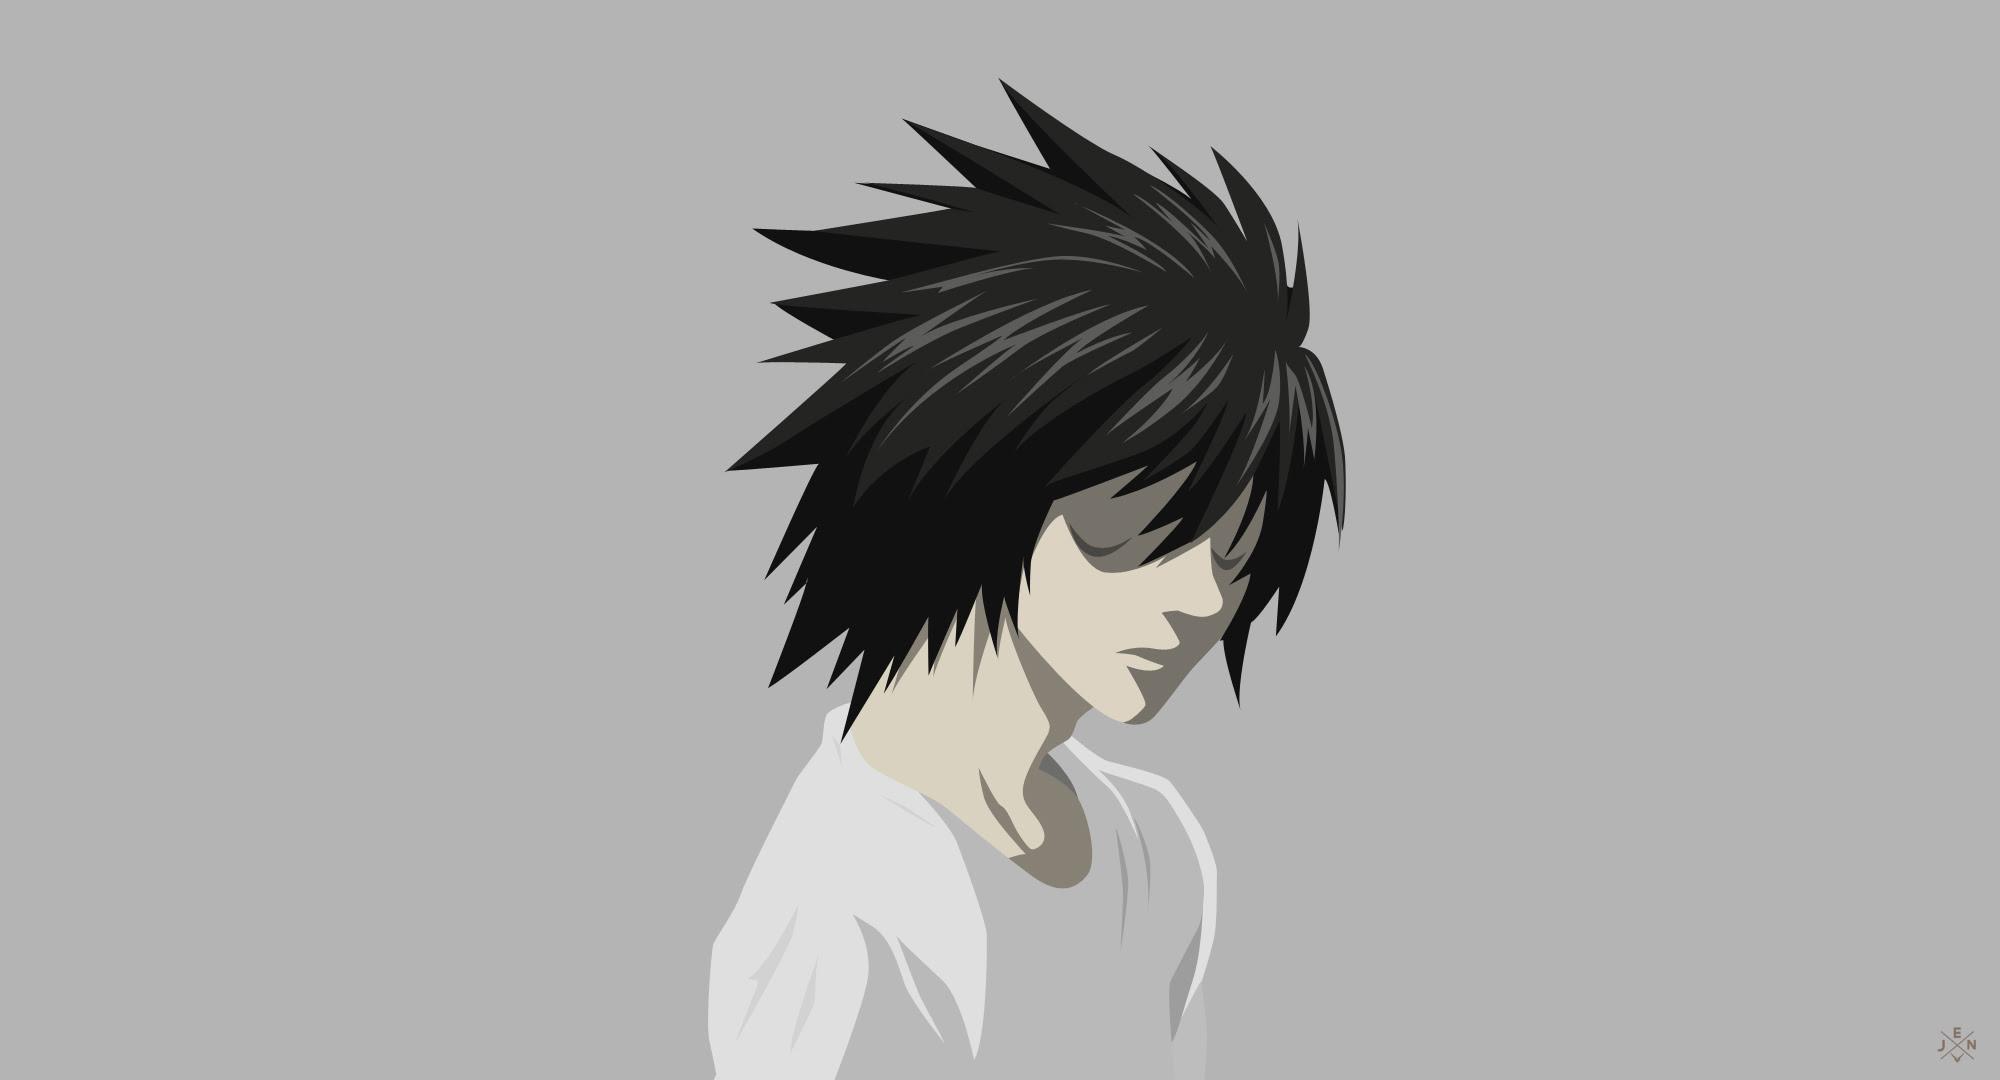 L (Death Note) by jmsedwrd on DeviantArt